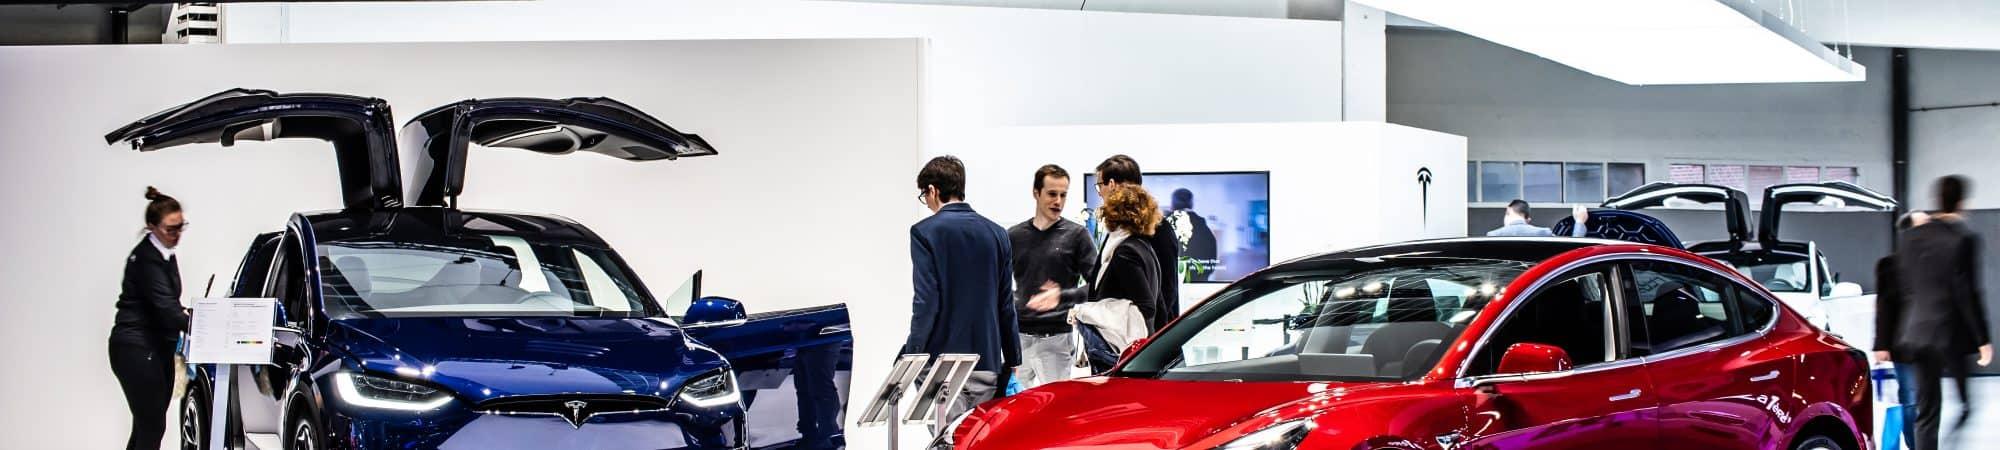 Tesla Model 3 e Model X no Salão do Automóvel de Bruxelas. Imagem: Grzegorz Czapski / Shutterstock.com